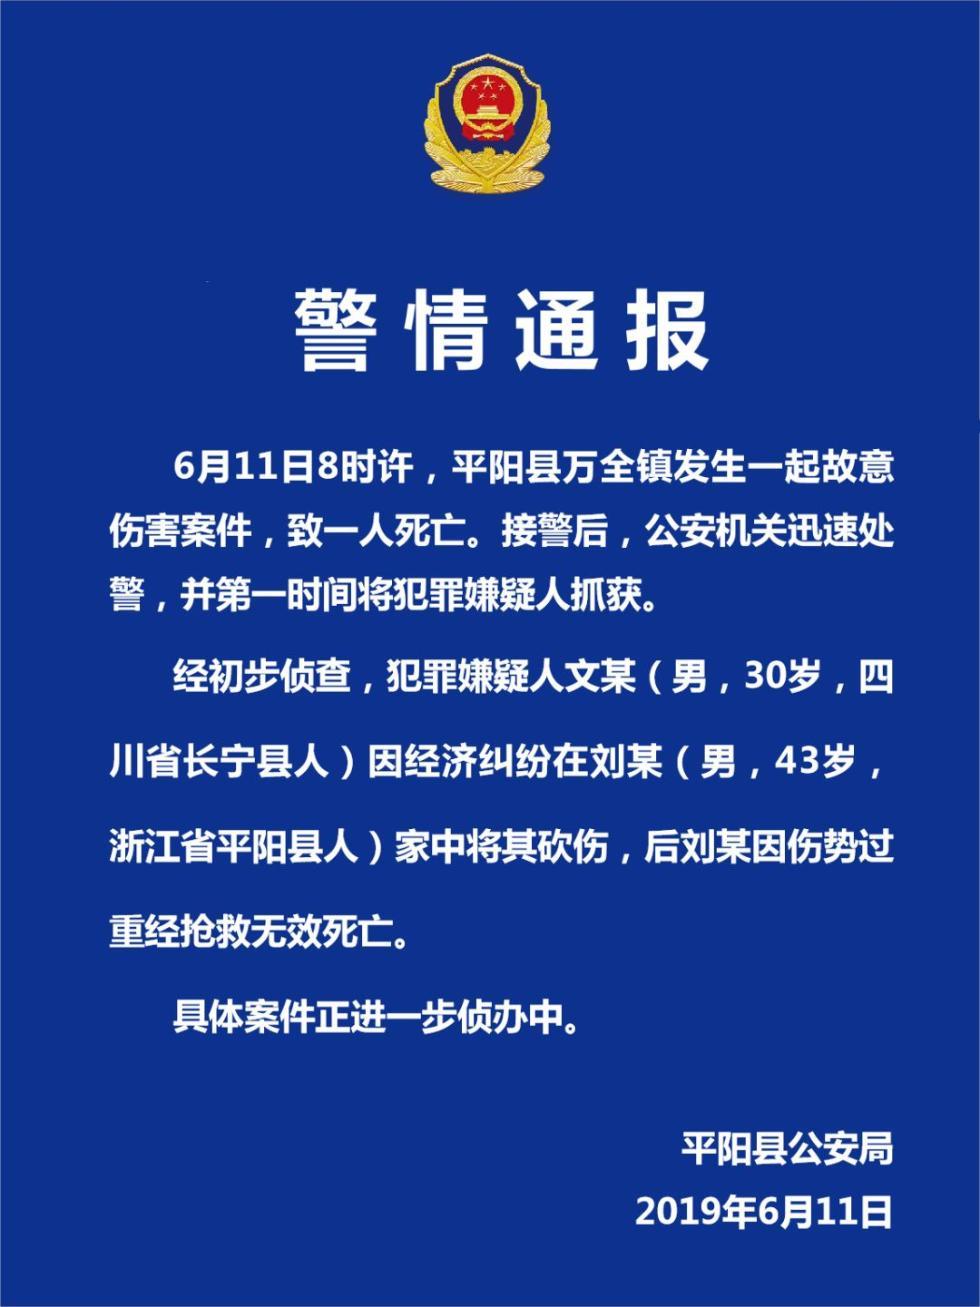 浙江平阳县发生一起故意伤害案件,致1人死亡